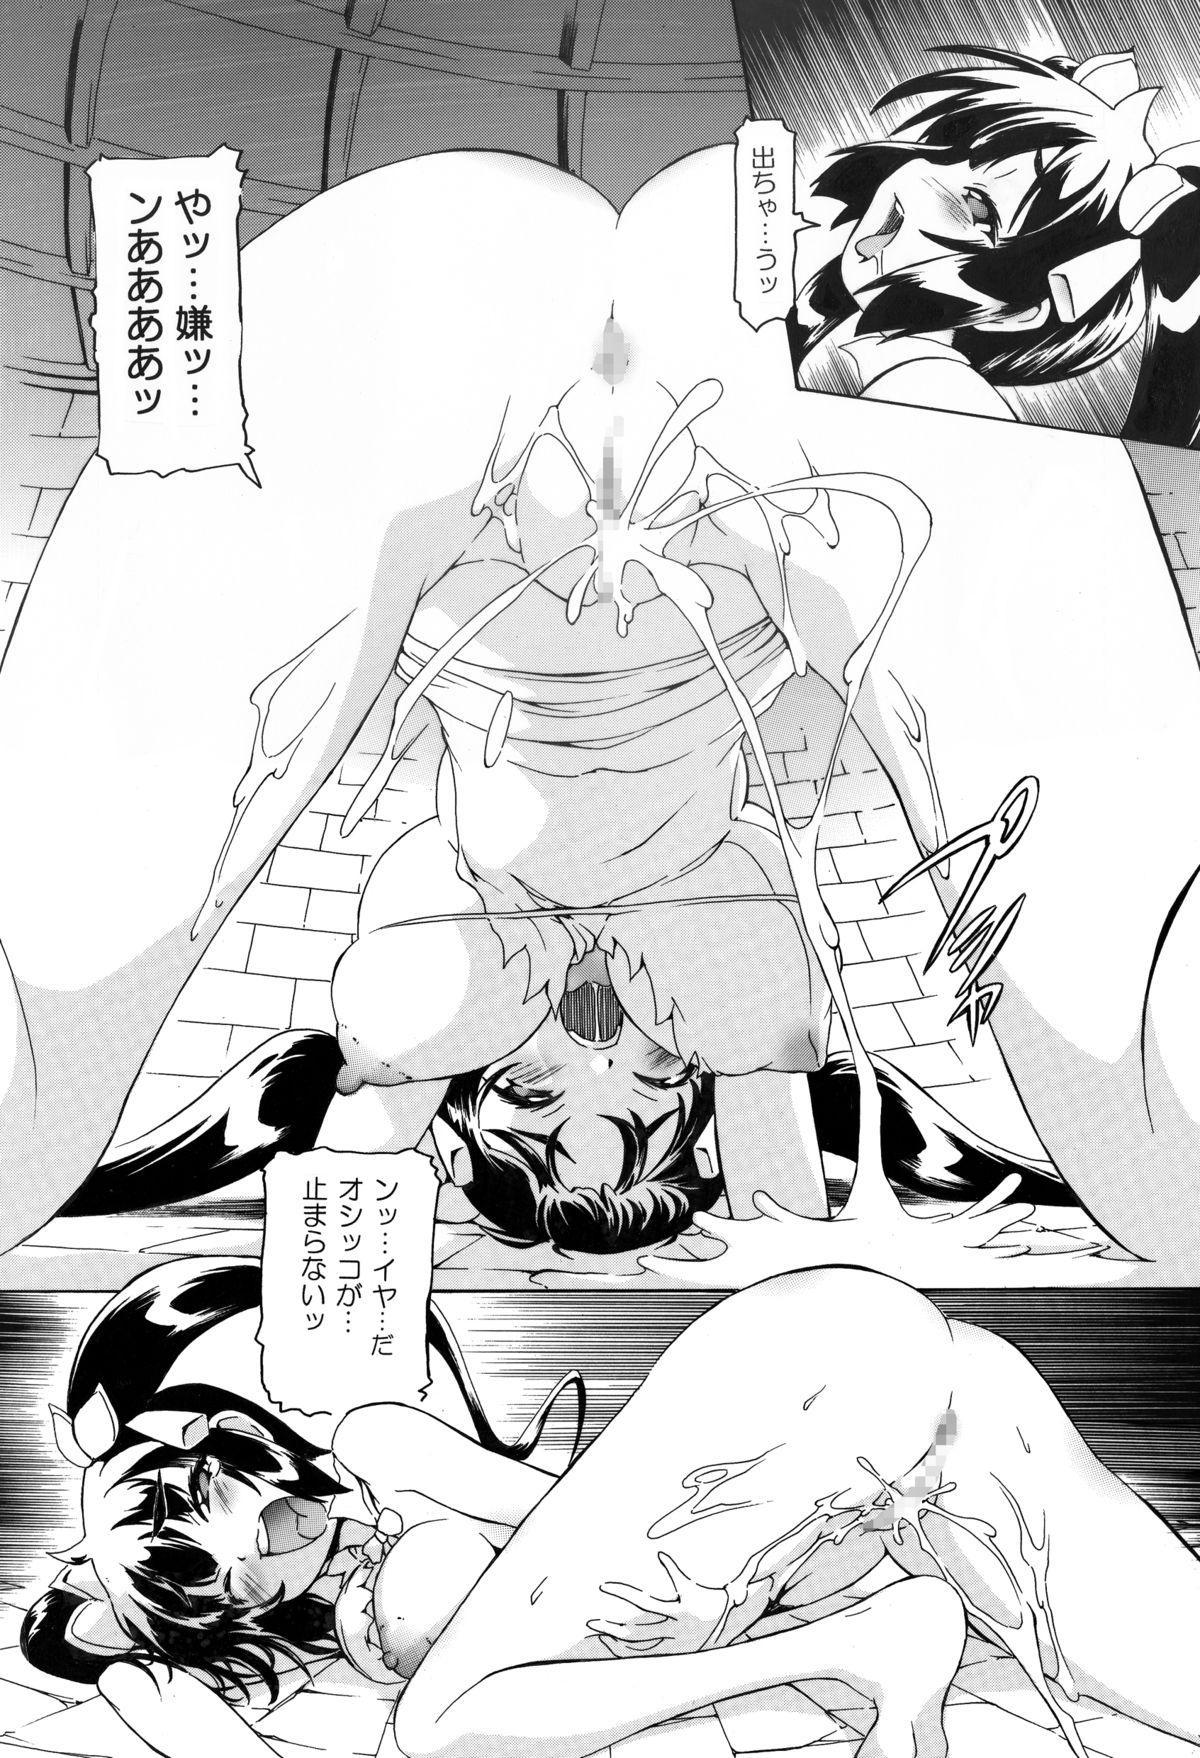 Hestia Ero Manga 3